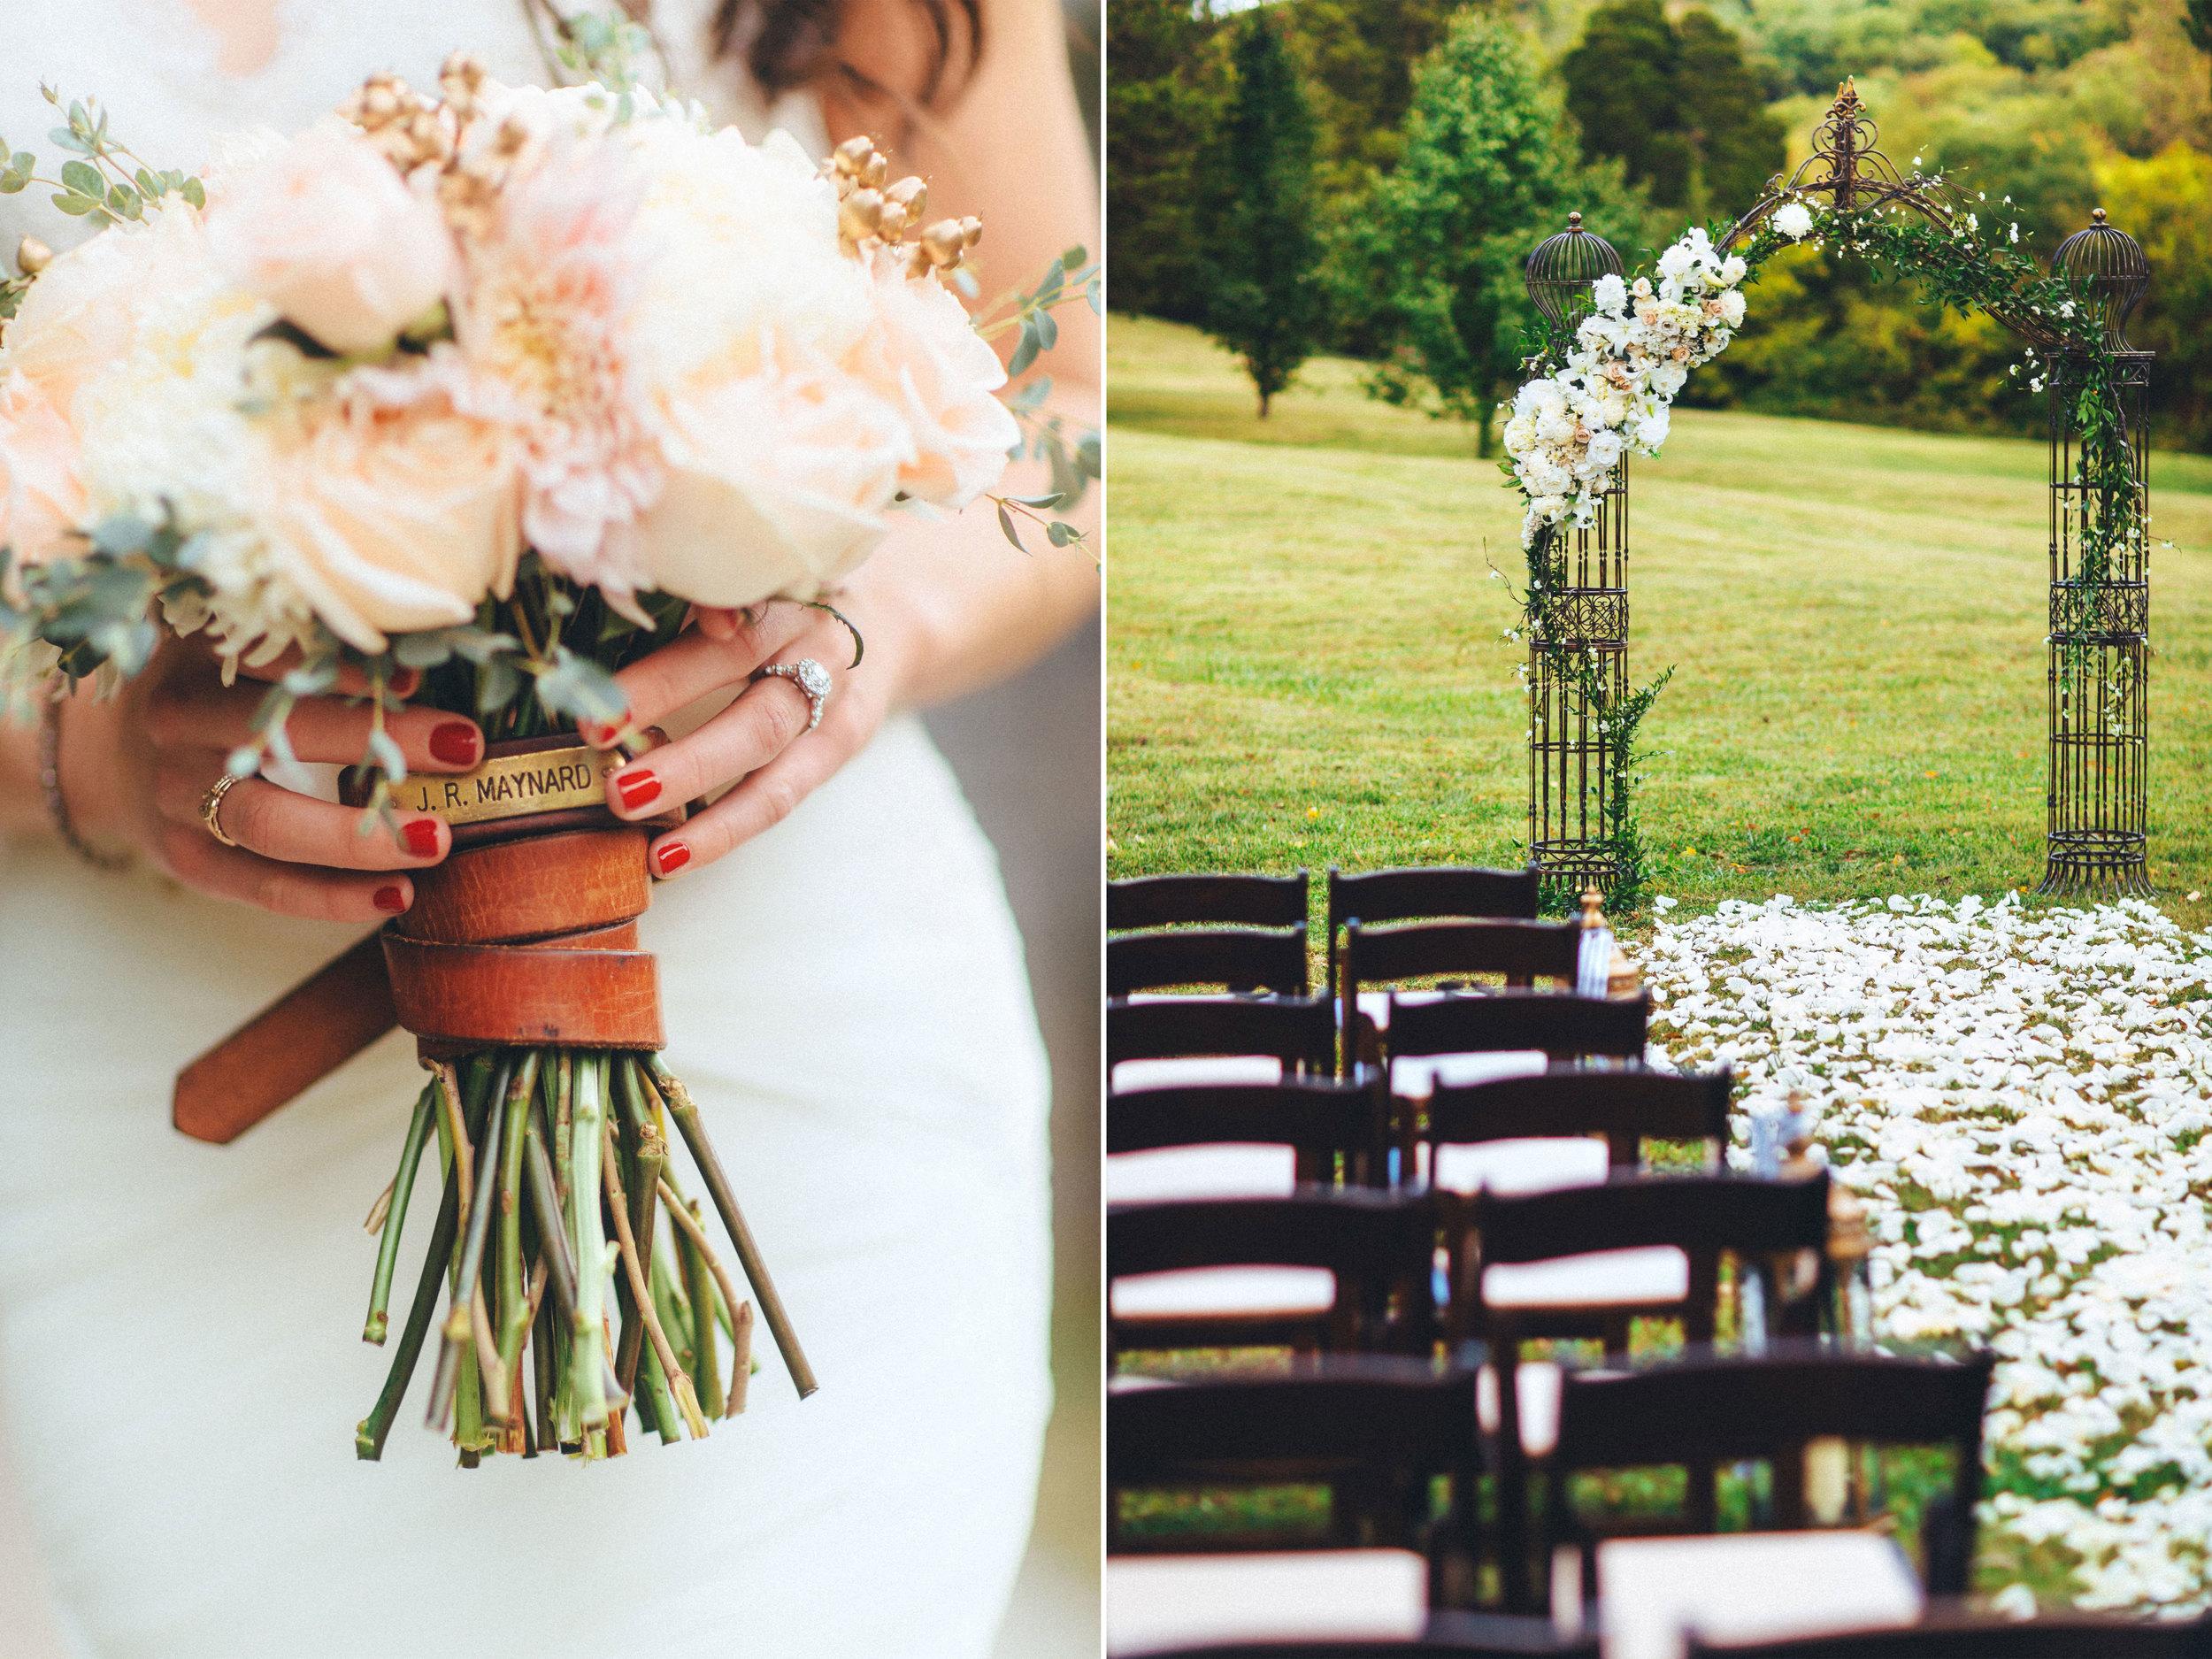 Me & Mr. Jones Wedding, Bride's Dad's Belt around Bouquet, Bouquet Embellishment, Black Tie Wedding at Cedarwood in Nashville, Statement Necklace, Glam Bride, Black White and Gold Wedding